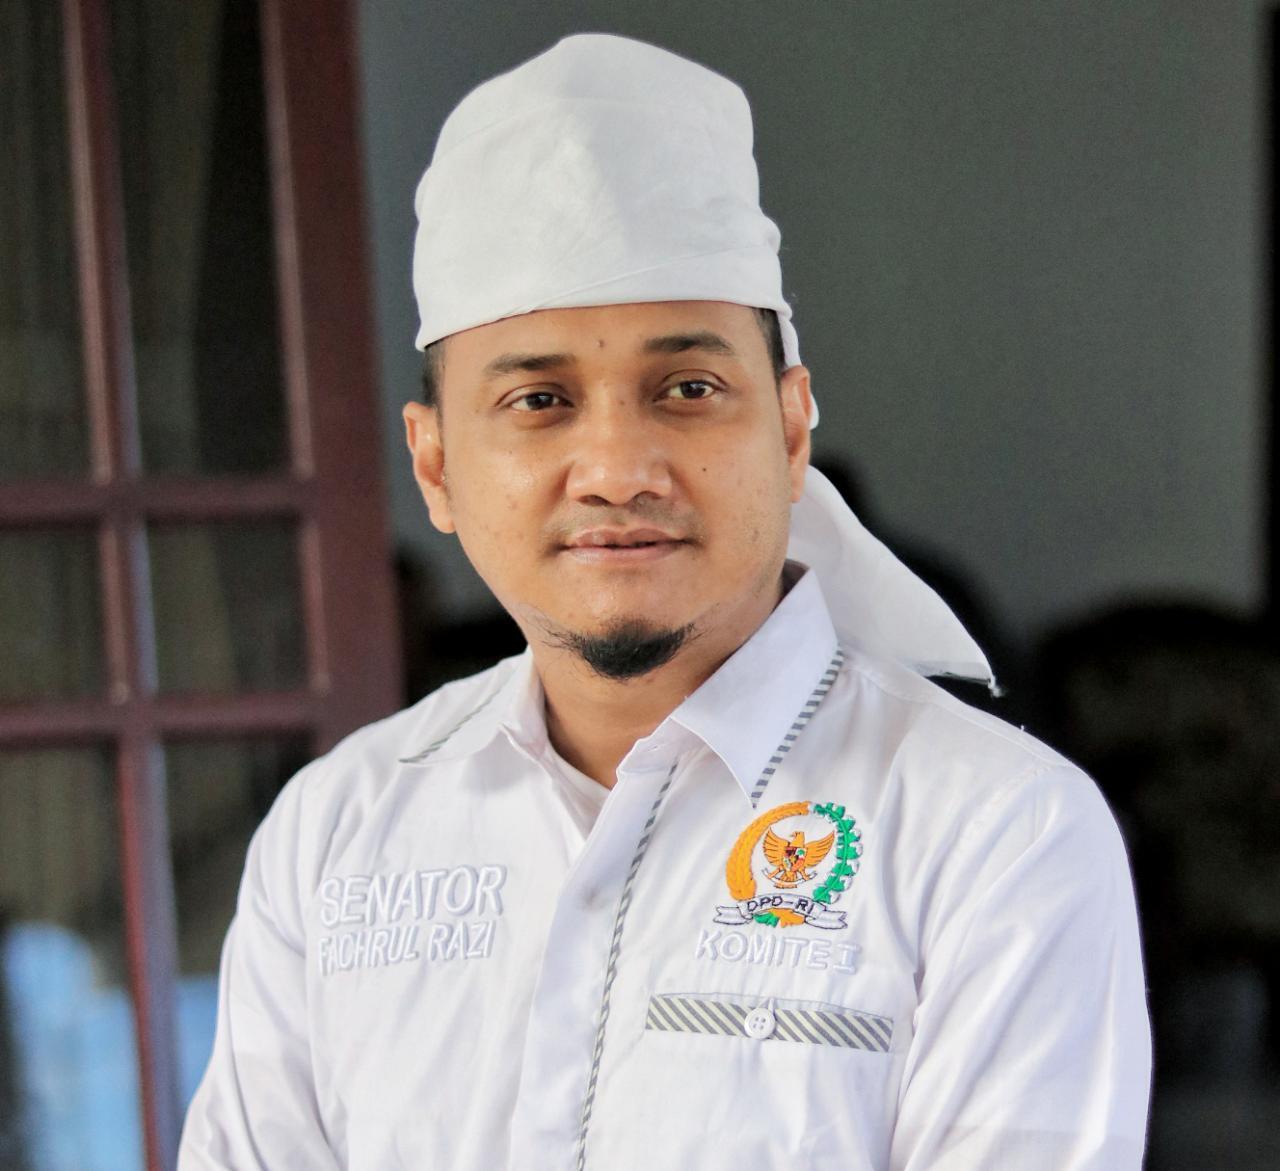 Ketua Komite I DPD RI Fachrul Razi: RUU Daerah Kepulauan Disahkan di Tahun 2021